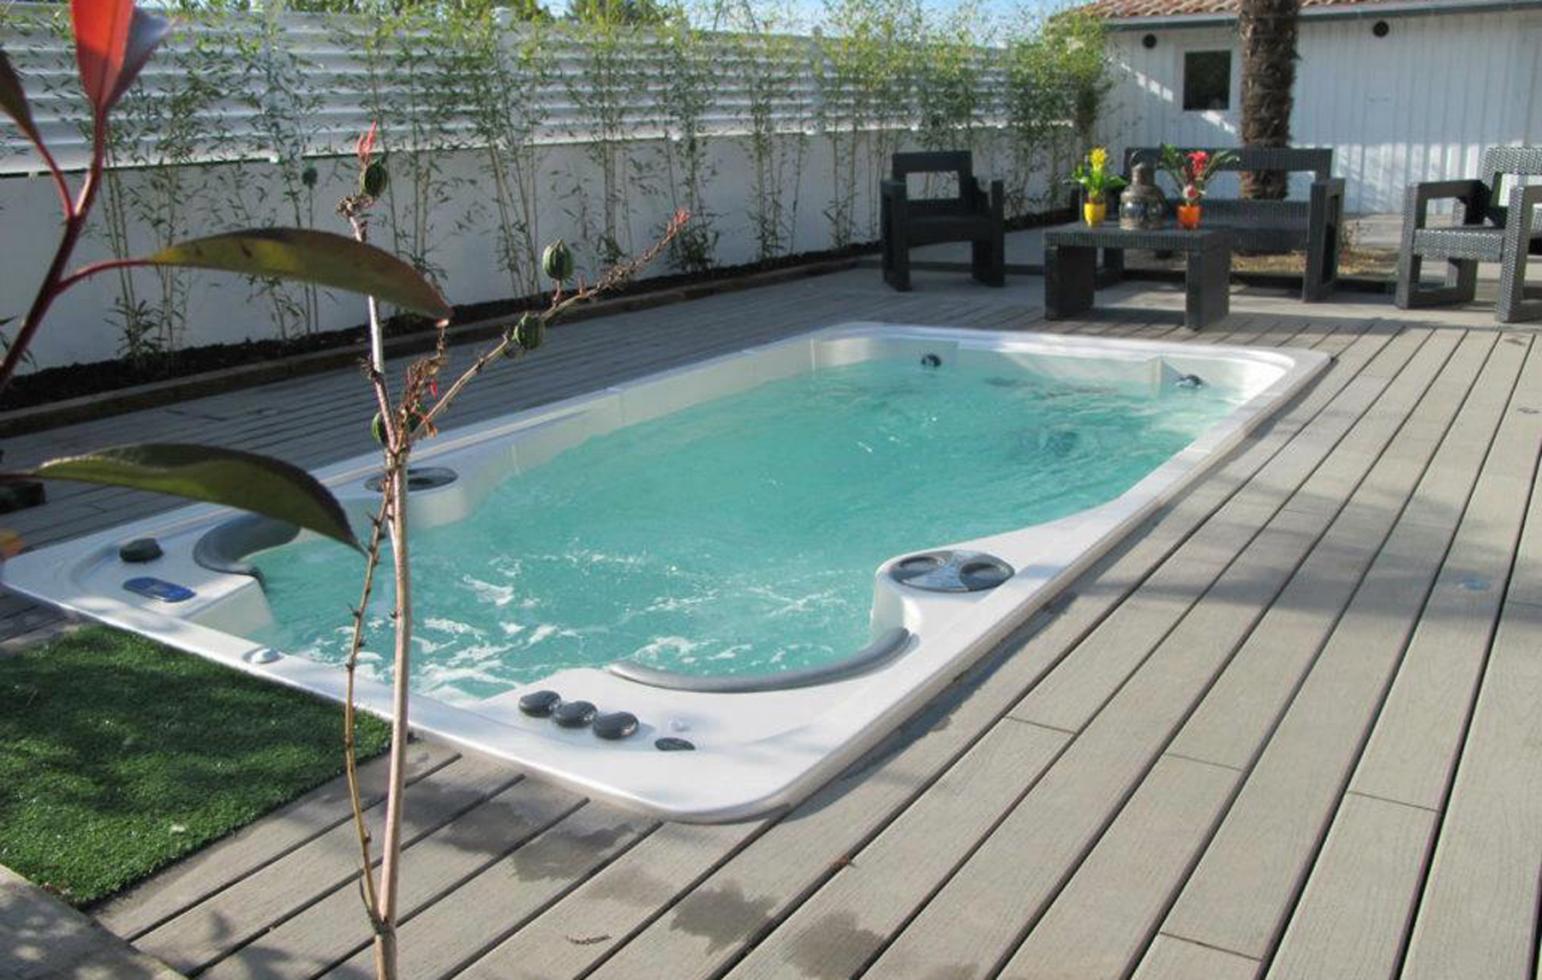 Spa de nage Hydropool 14 FX Aquatrainer